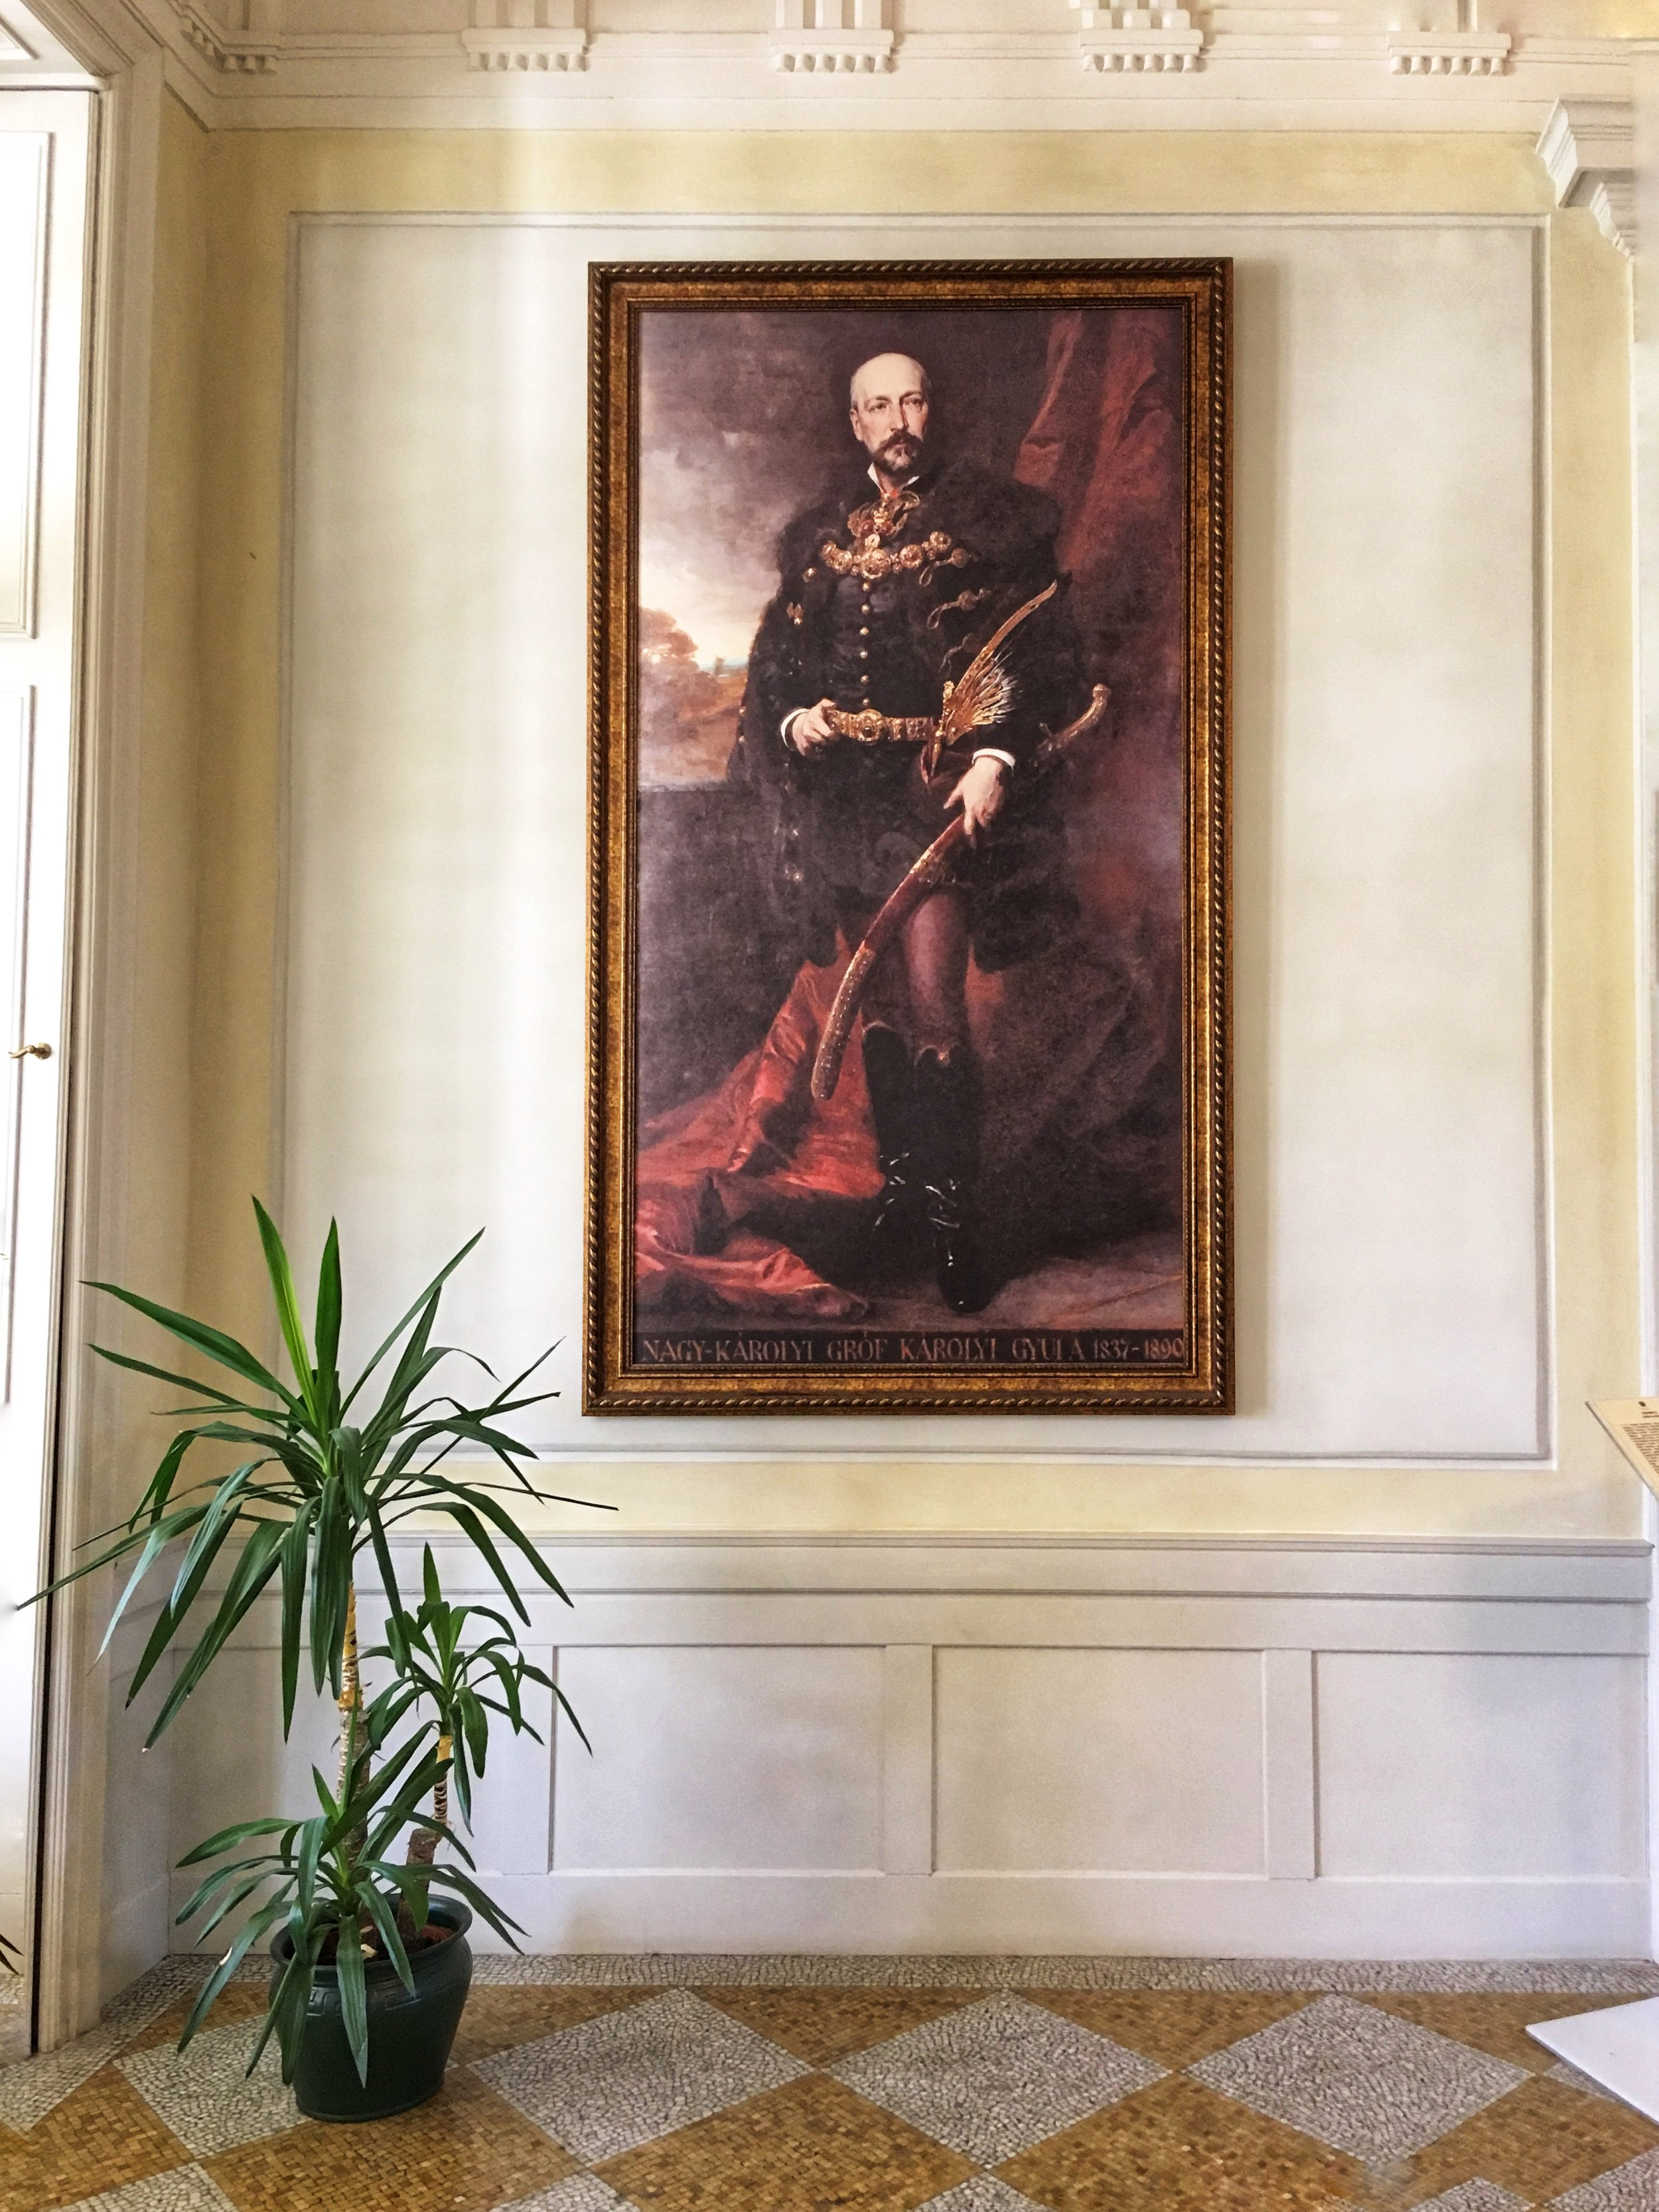 Joseph Károlyi Portrait